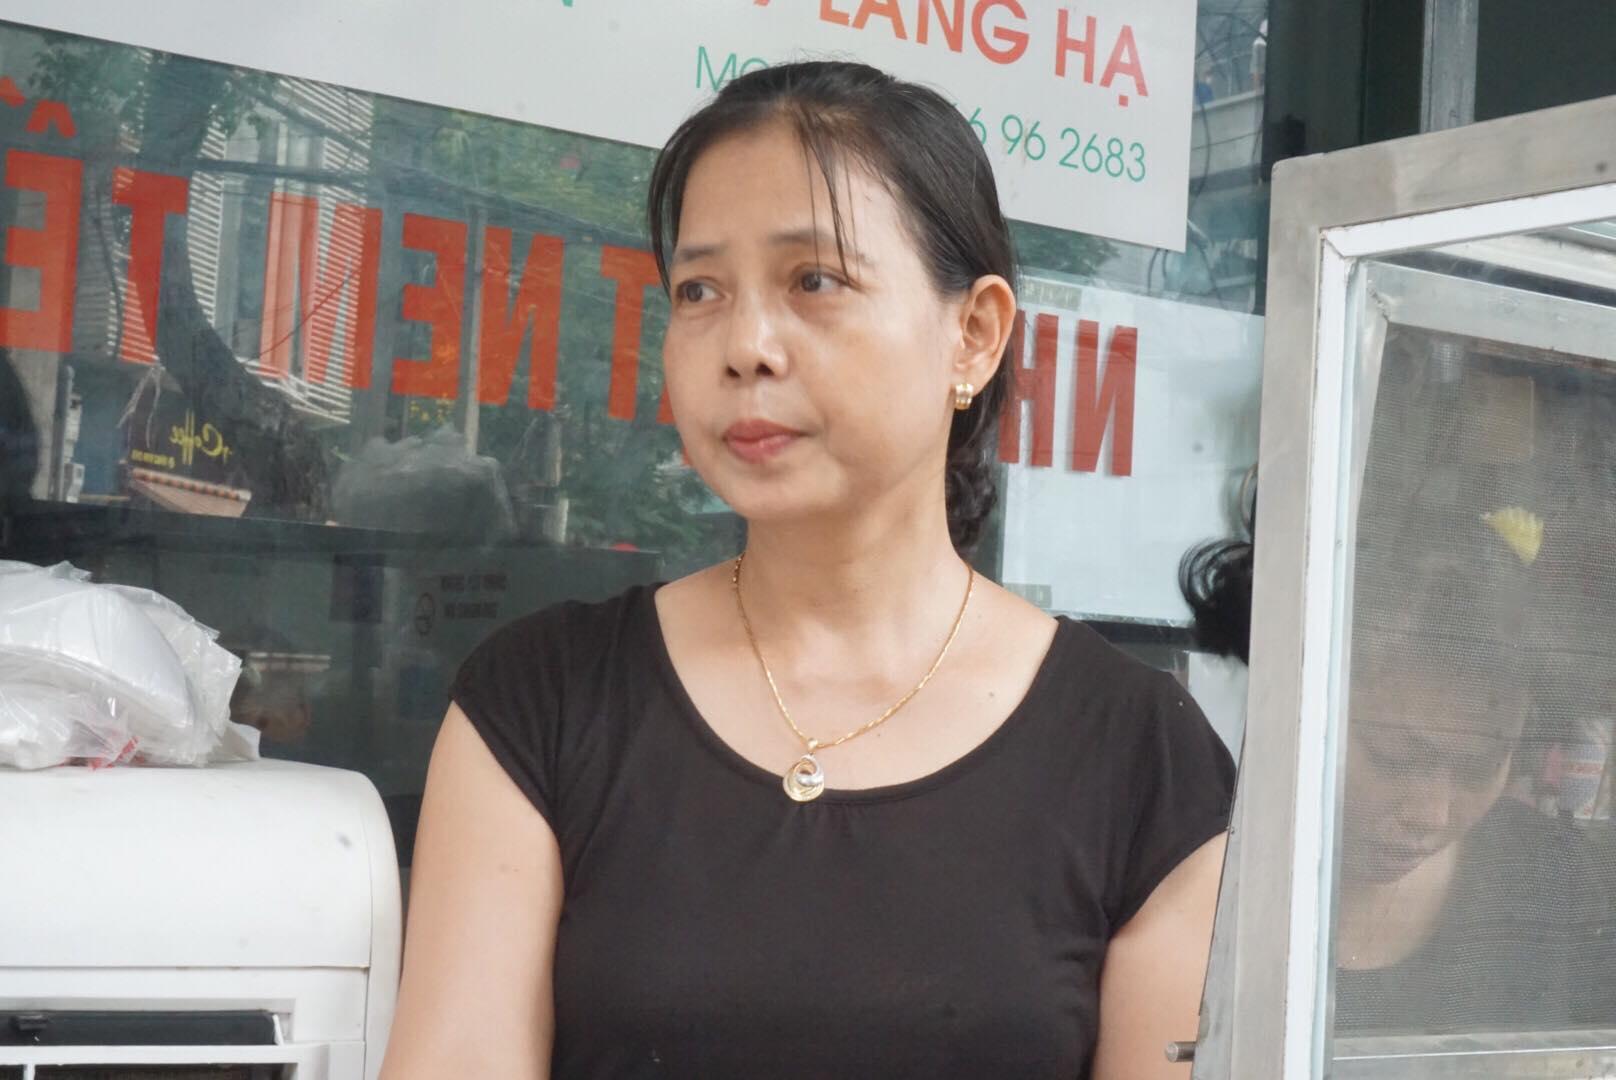 Chủ quán bún chả Hương Liên khá bất ngờ khi đầu bếp nổi tiếng qua đời